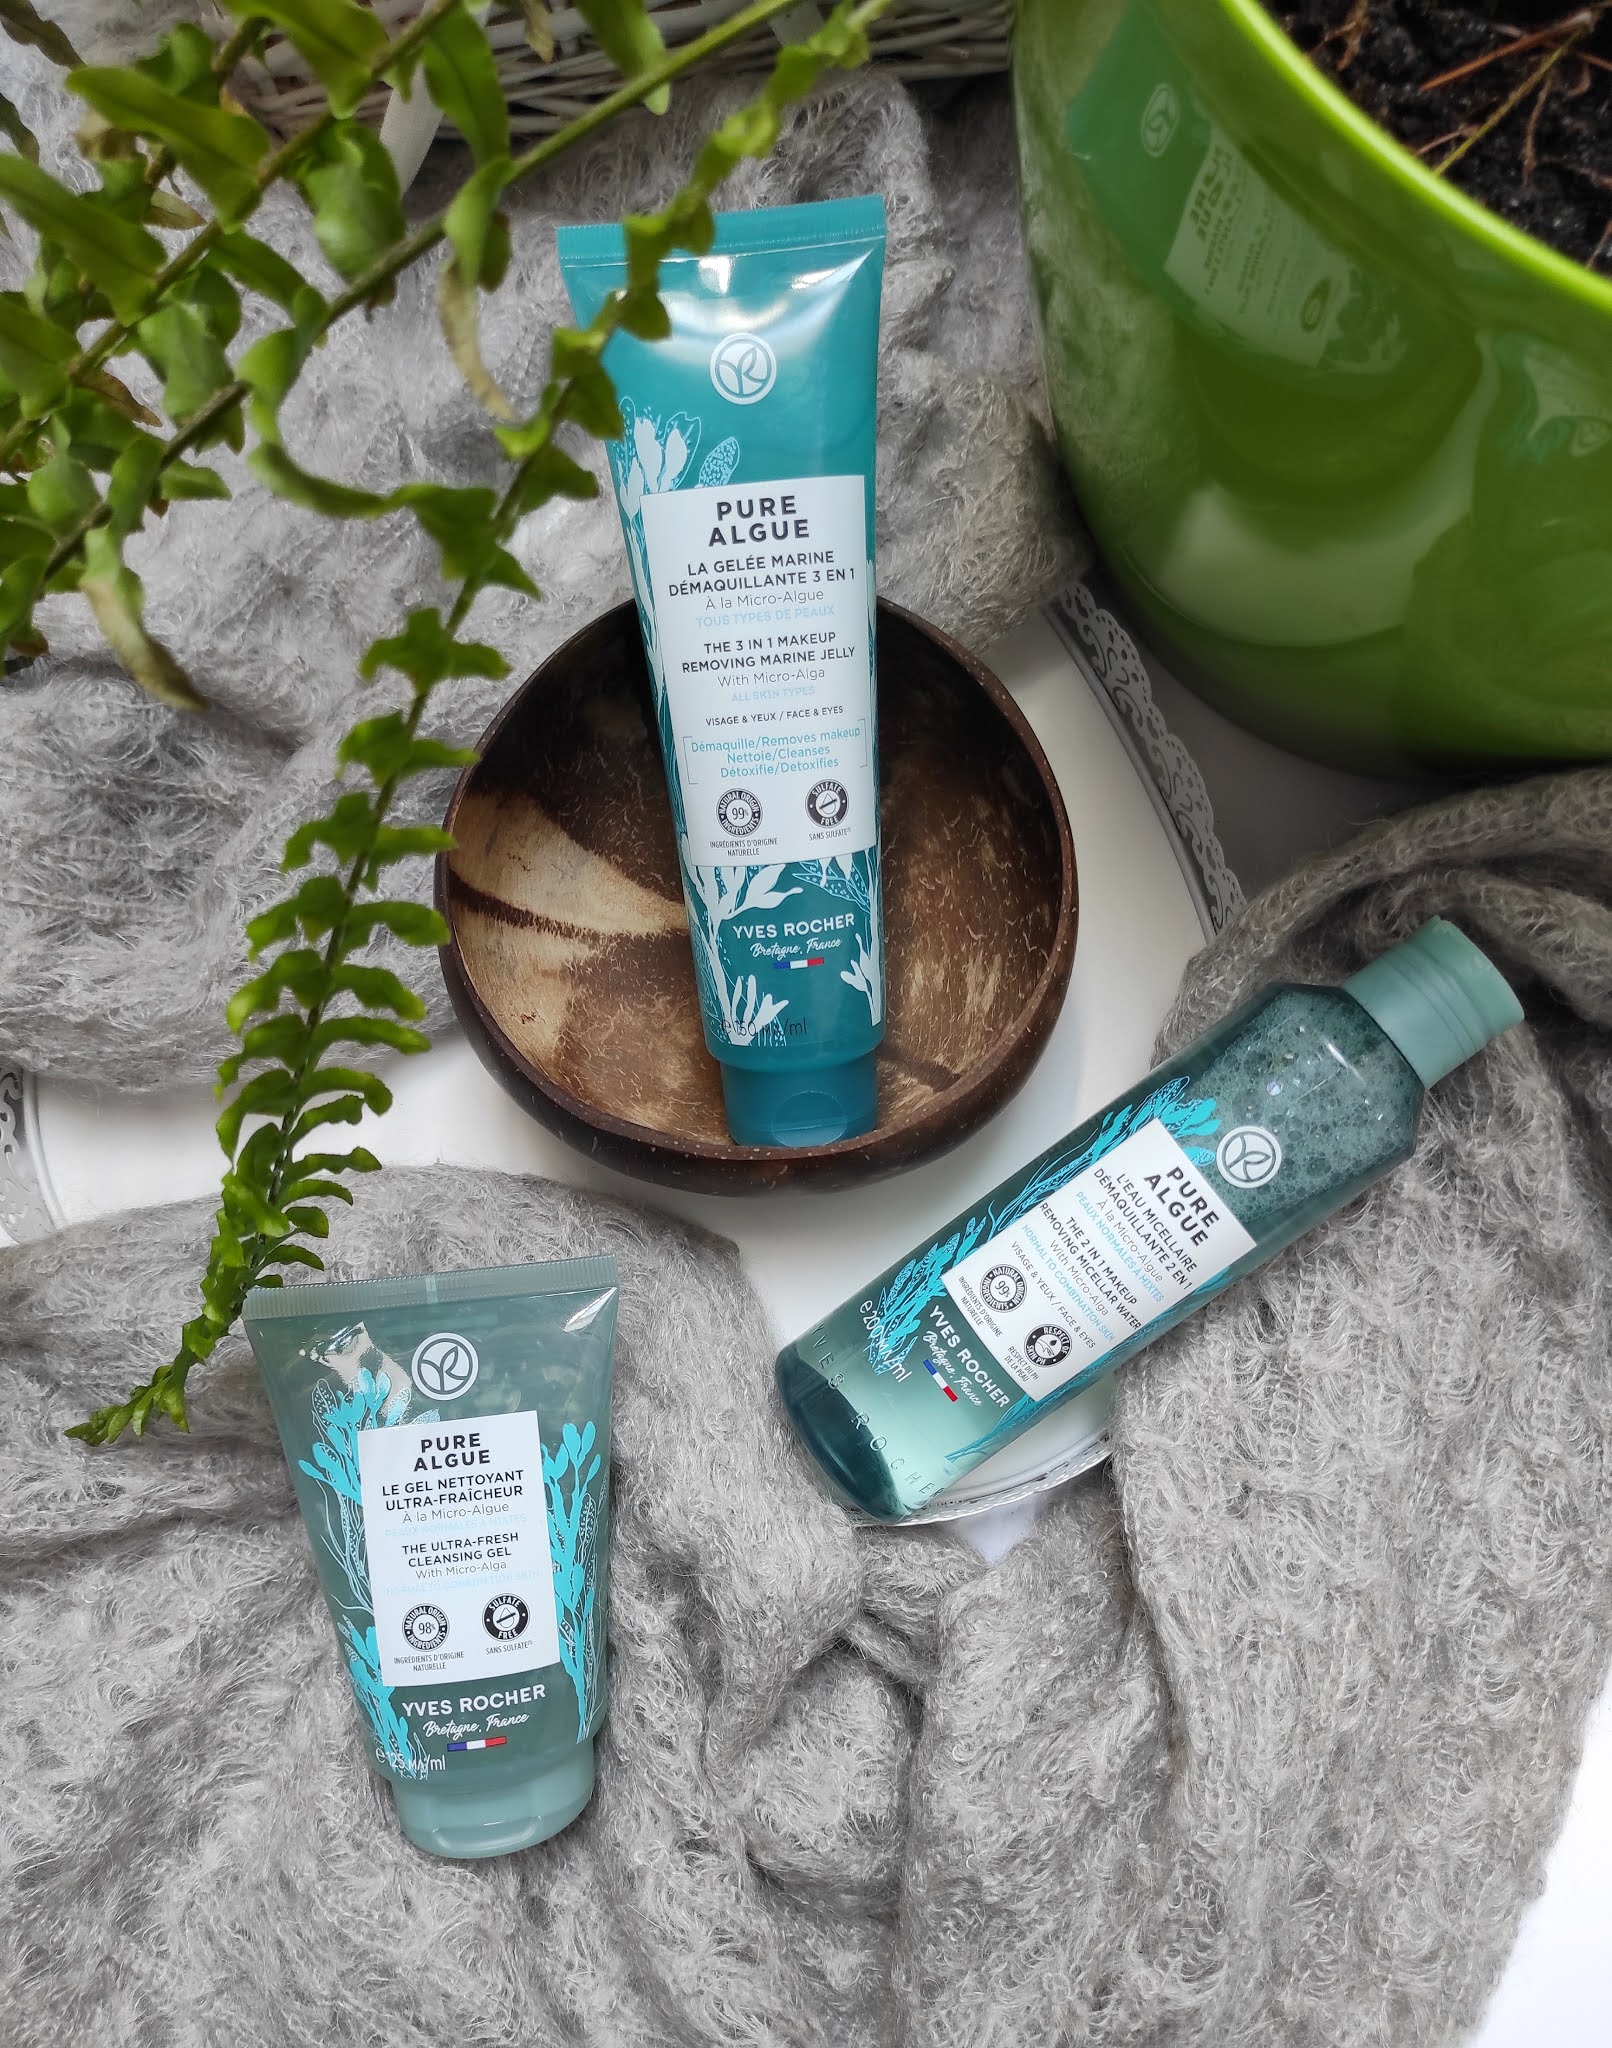 Pure Algue - kosmetyki do demakijażu i oczyszczania twarzy  Yves Rocher - recenzja